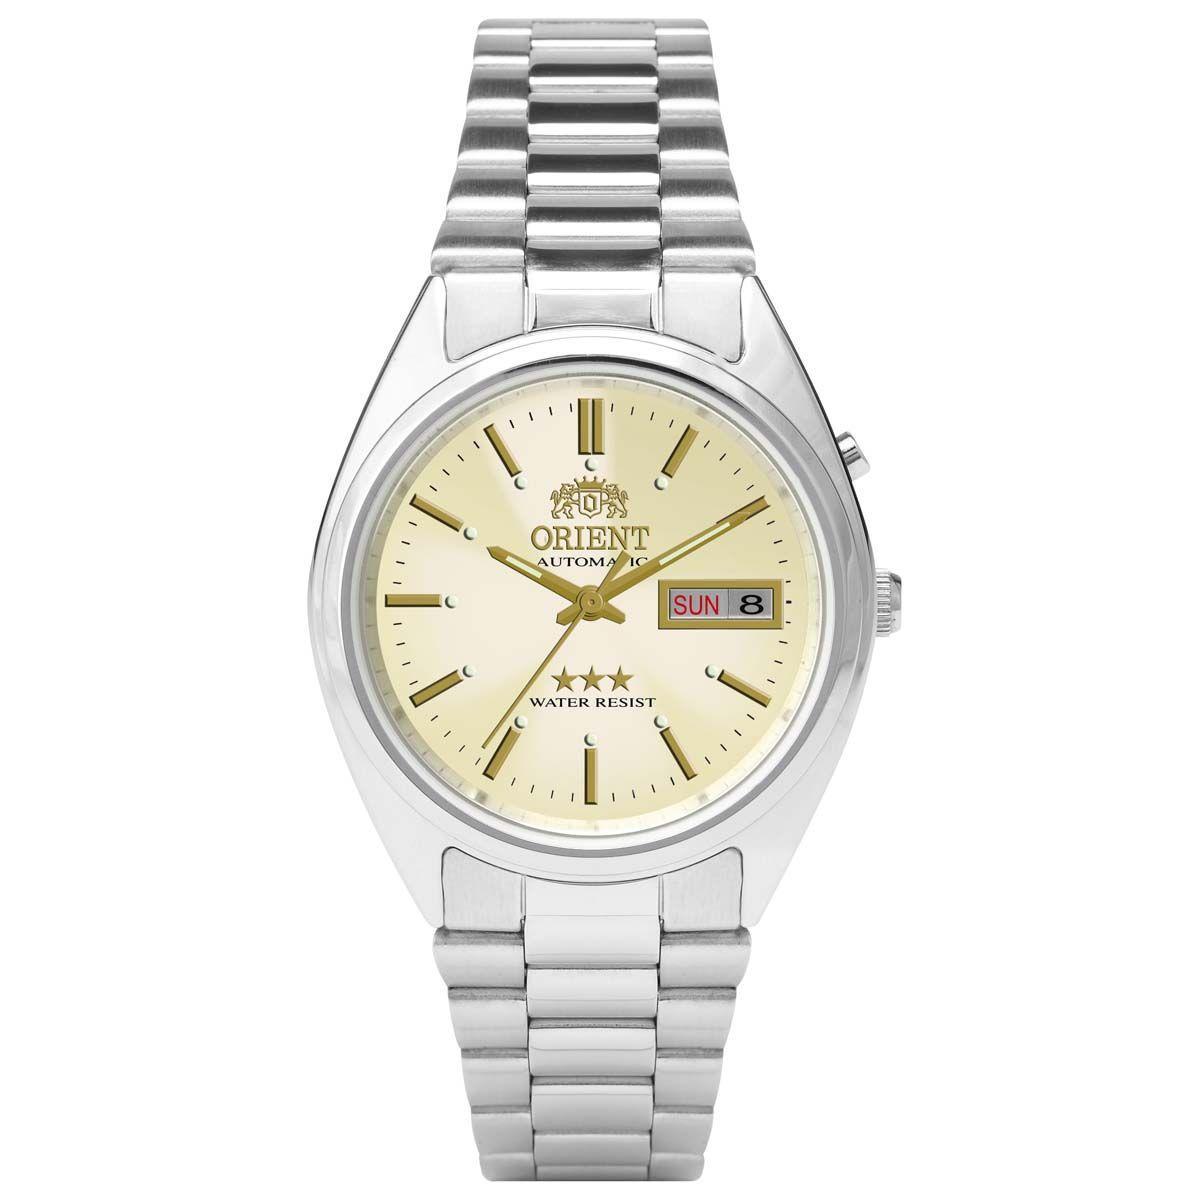 0ec49b74fe738 Relógio Orient Automático Analógico Classic Masculino 469WA3 C1SX R  599,00  à vista. Adicionar à sacola